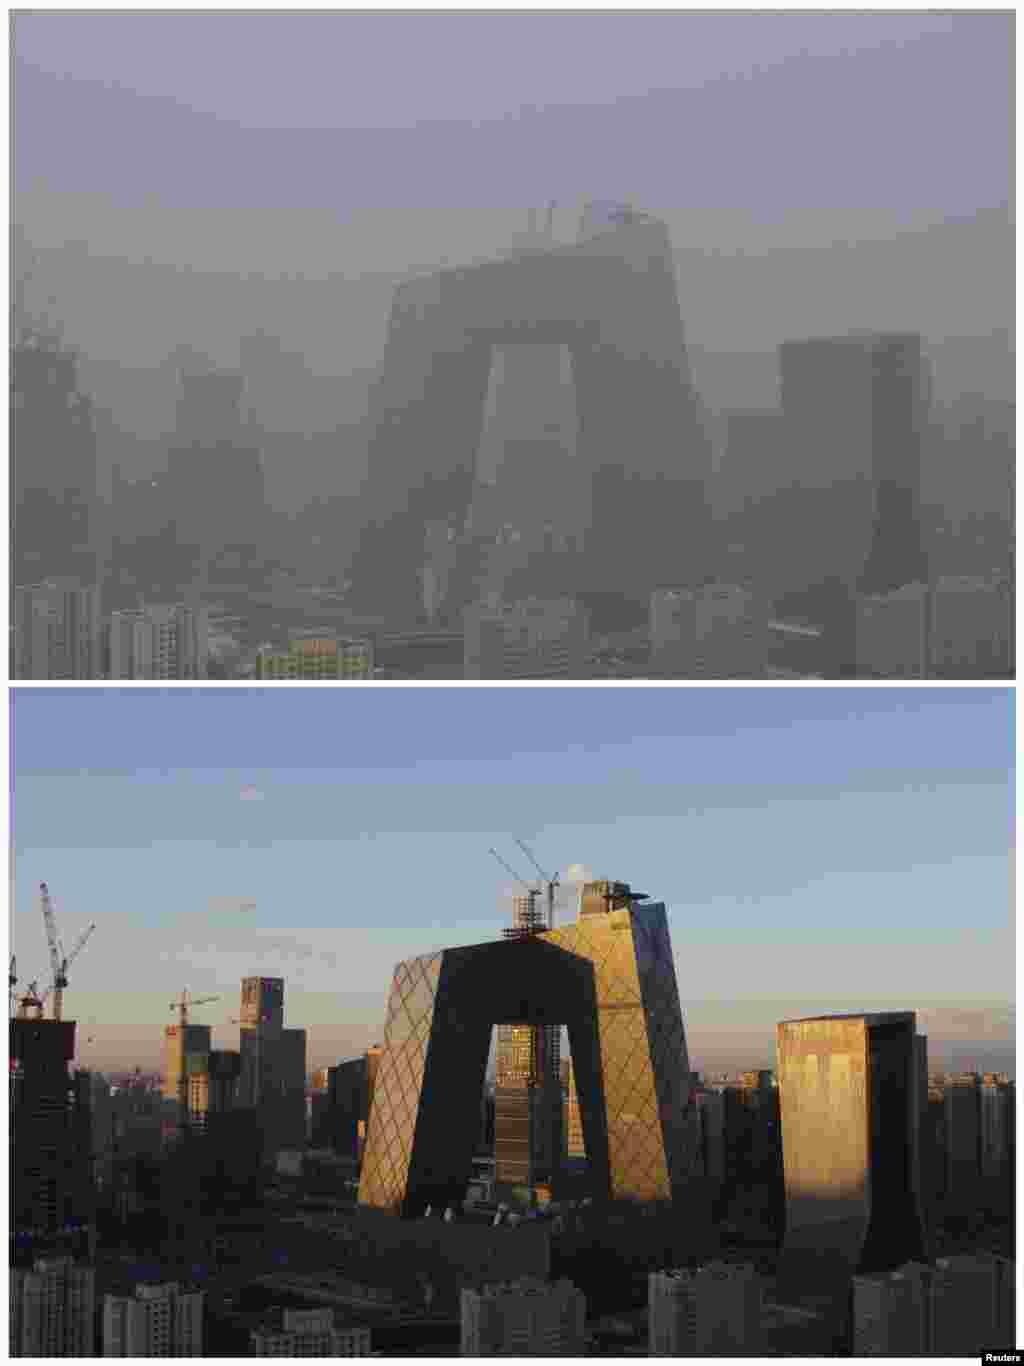 北京中央电视台大楼和北京中央商务区对比图,上图有雾霾(2015年11月28日),下图为冷空气赶走雾霾后(2015年12月2日))